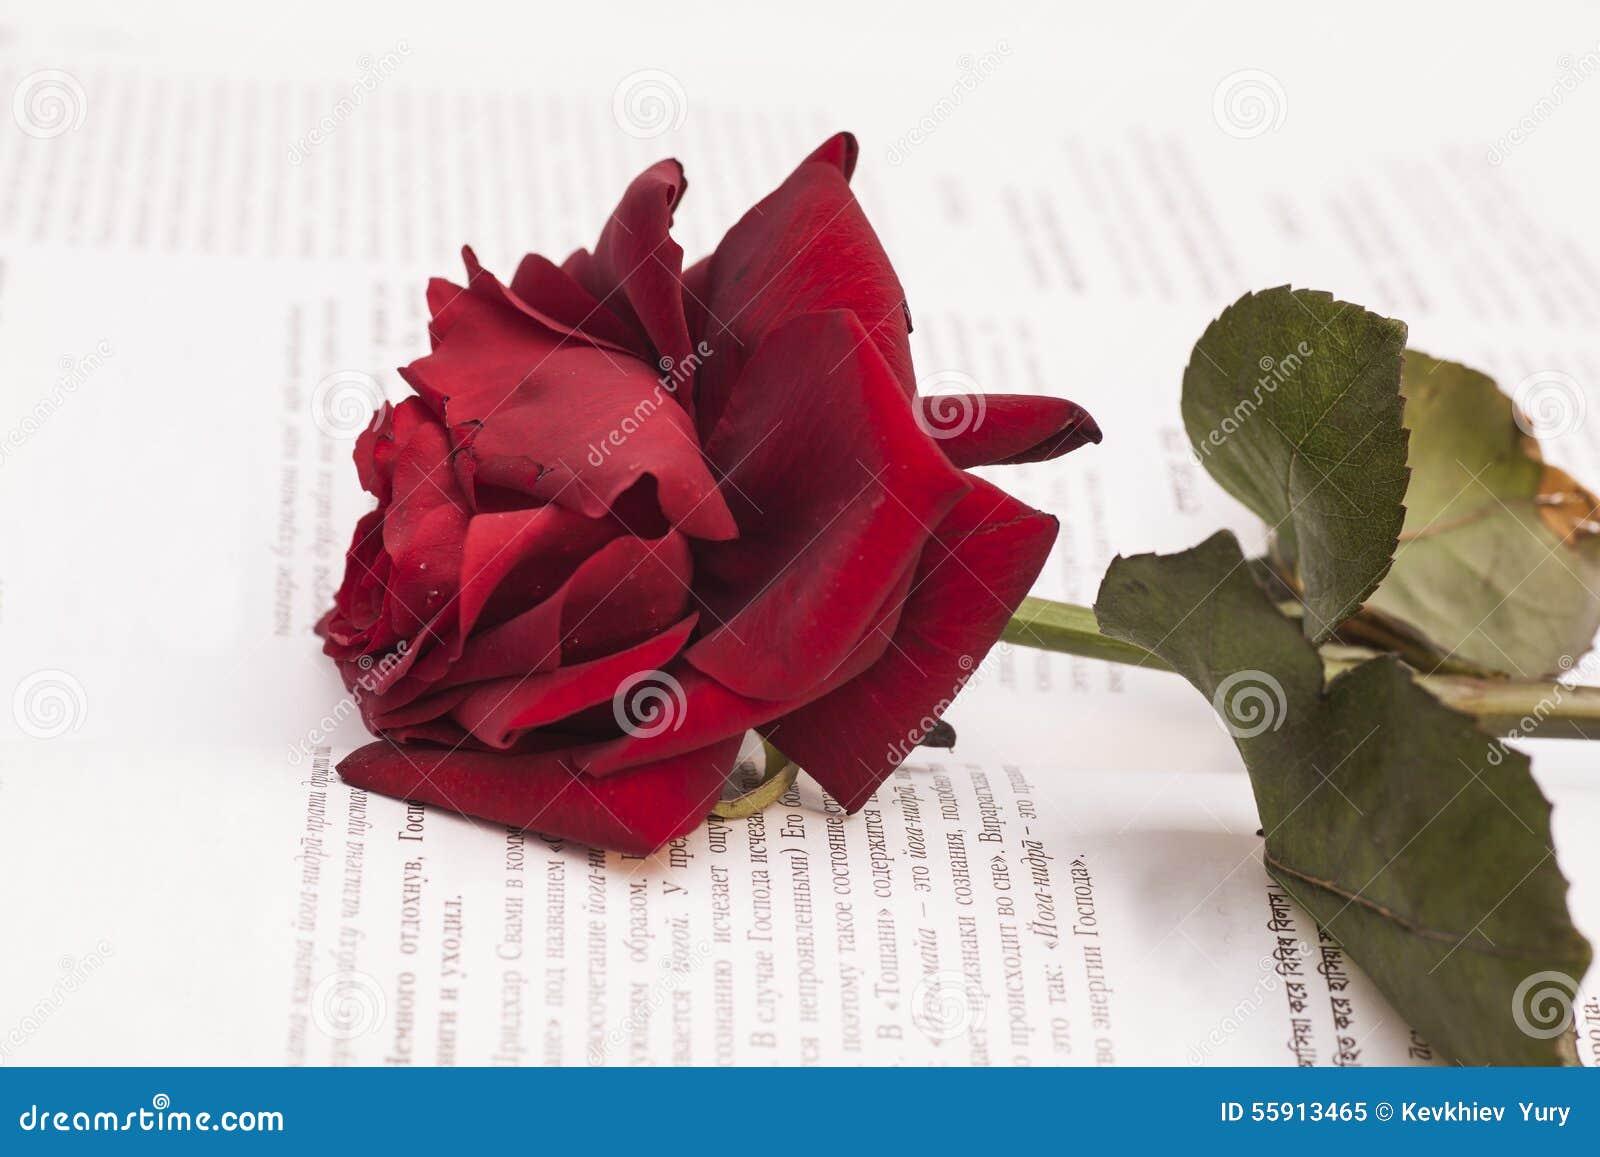 壁纸 花 花束 鲜花 桌面 1300_957图片